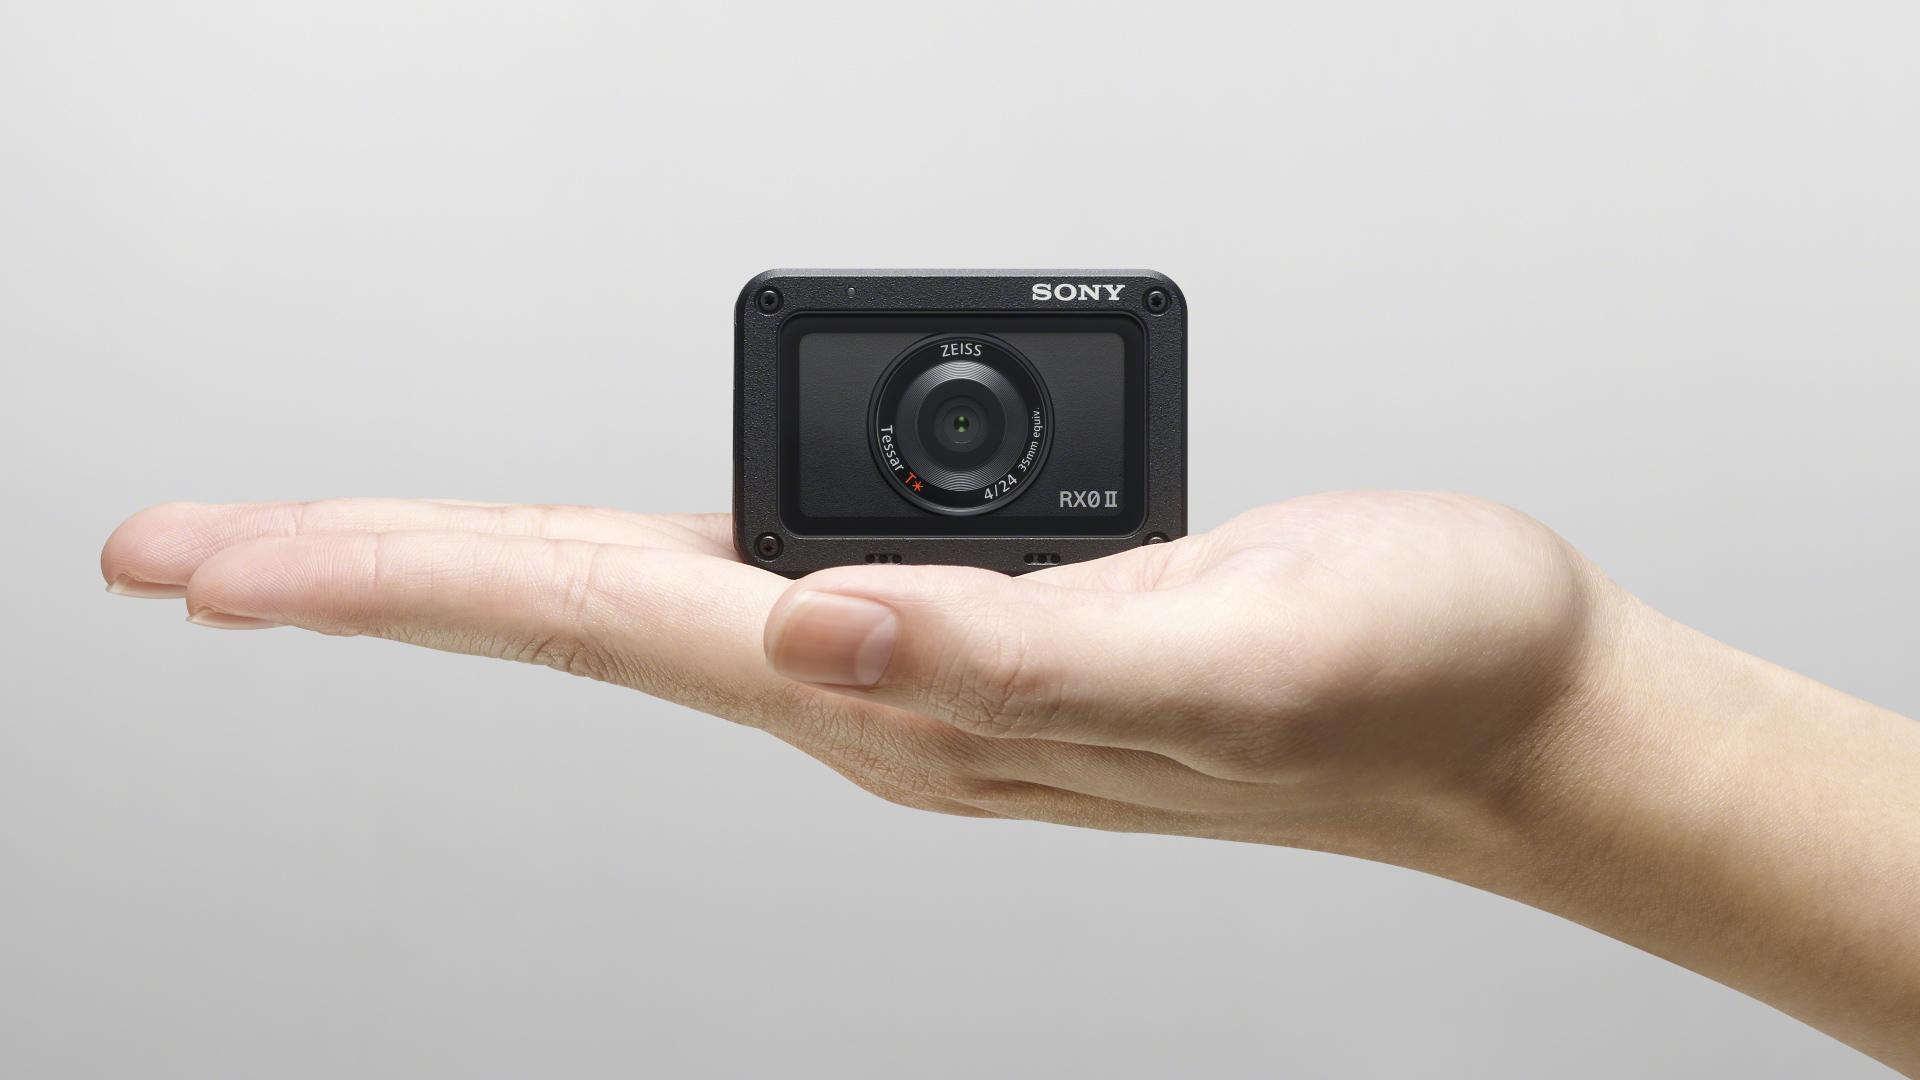 Anuncian la Sony RX0 II – Viene con grabación de video interna en 4K, estabilización de imagen y pantalla giratoria